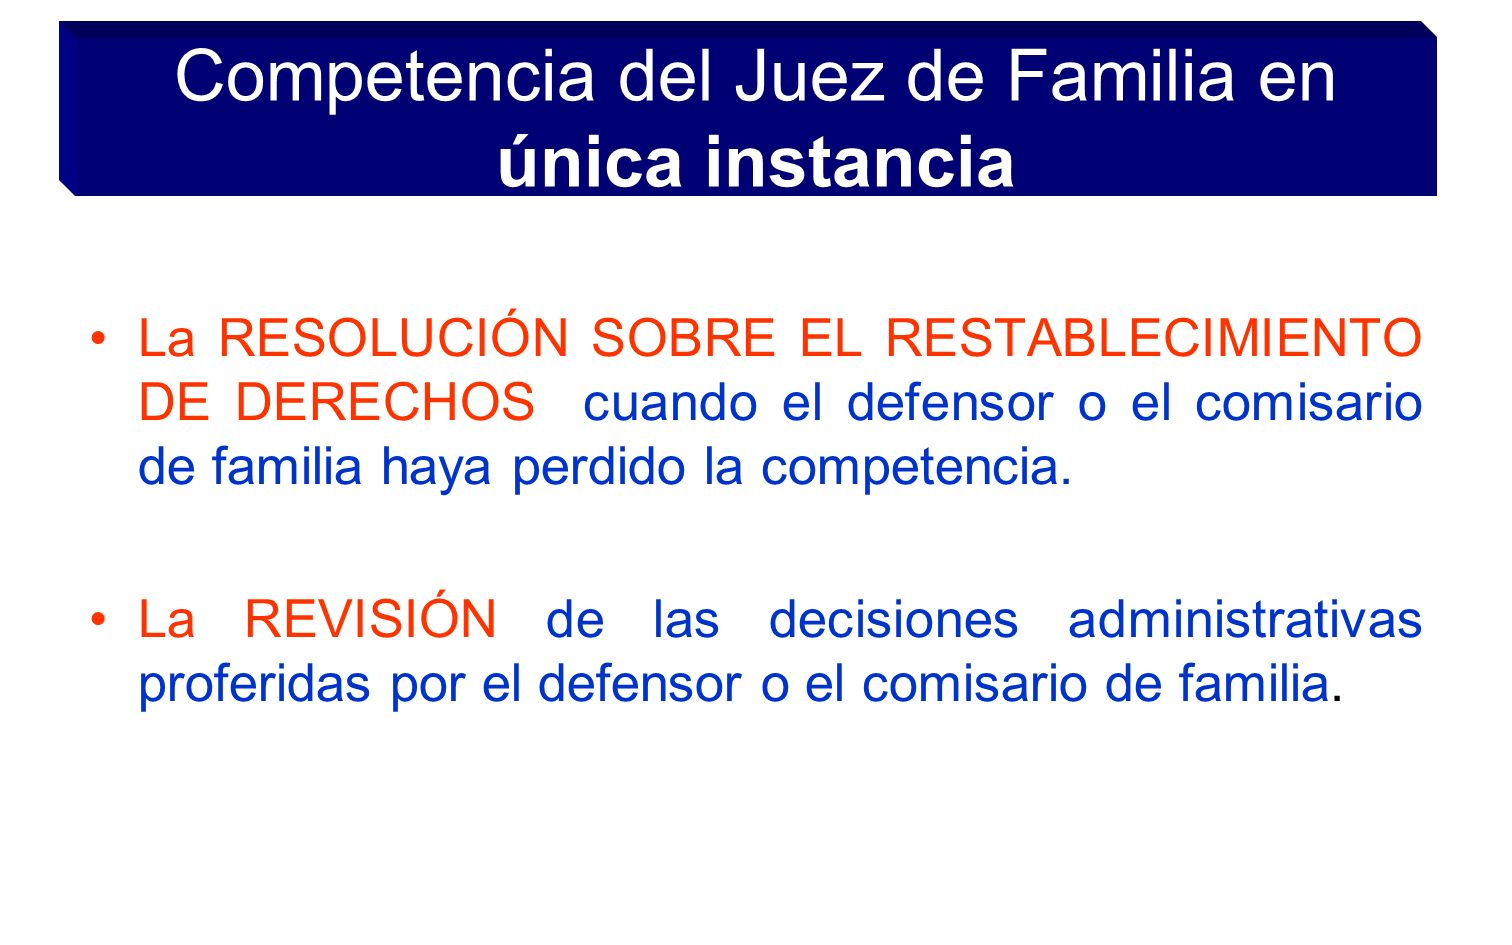 Competencia del Juez de Familia en única instancia La RESOLUCIÓN SOBRE EL RESTABLECIMIENTO DE DERECHOS cuando el defensor o el comisario de familia haya perdido la competencia.